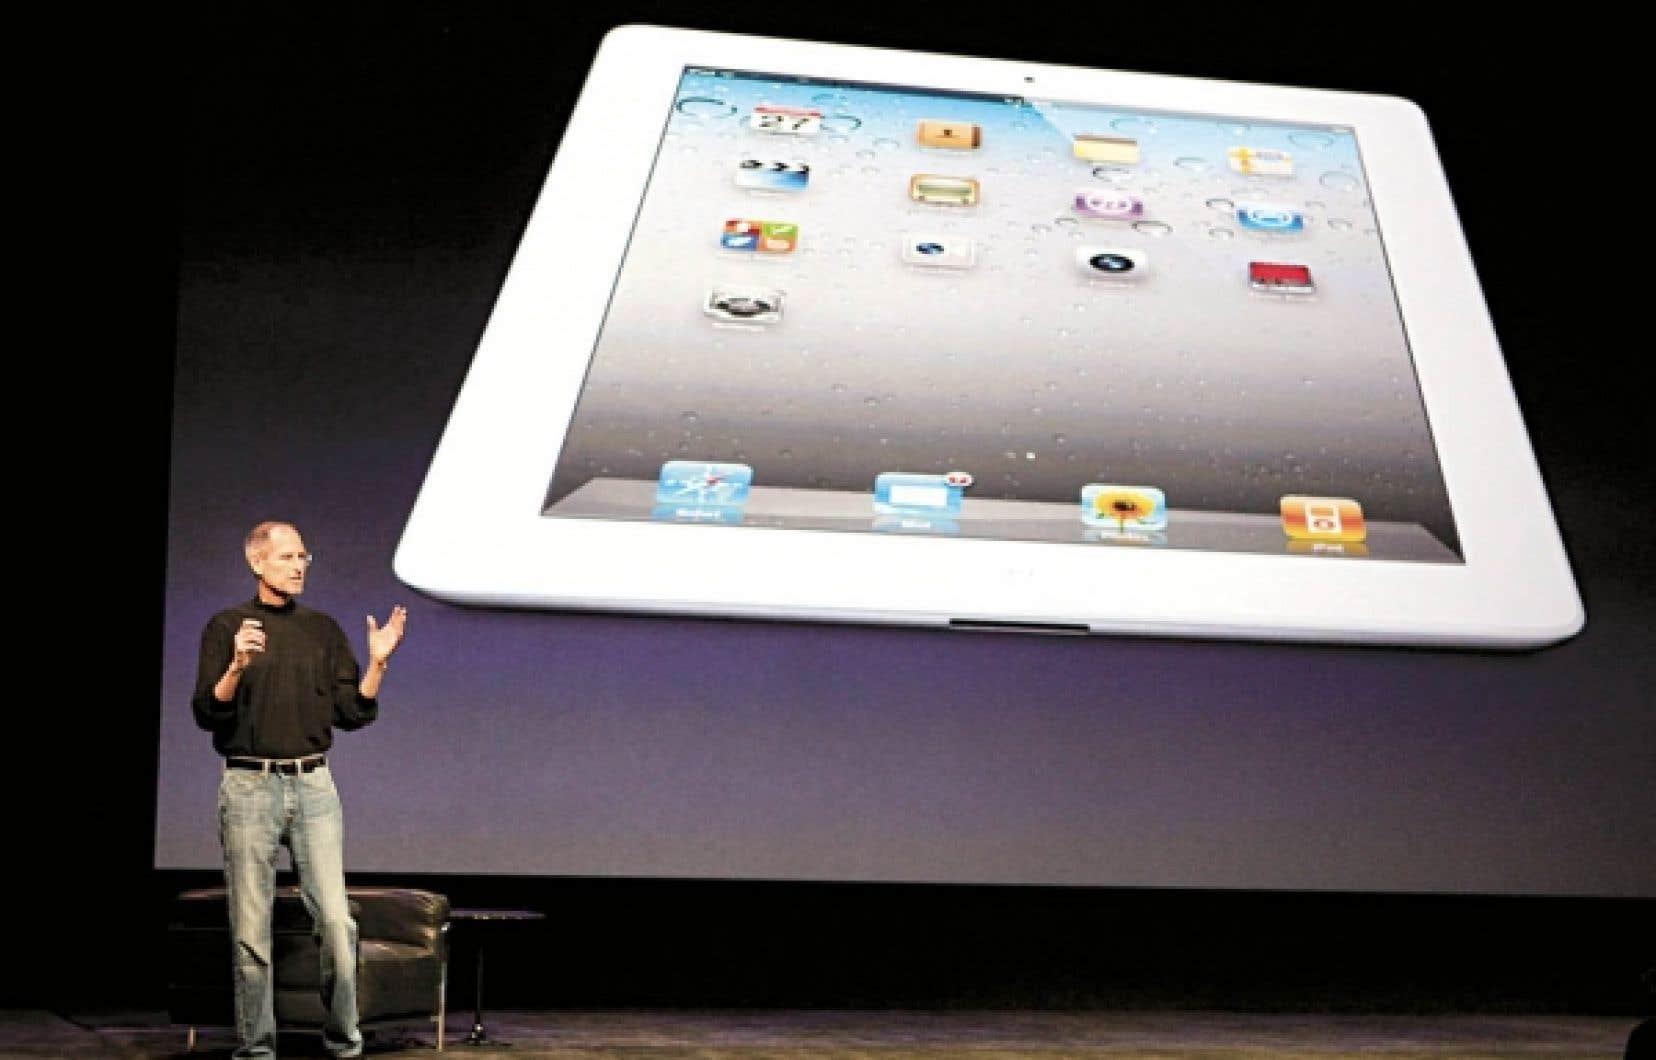 Steve Jobs a été accueilli par une ovation debout, lui qui est en congé de maladie. «Cela fait pas mal de temps que nous travaillions sur ce produit et je ne voulais pas manquer une journée formidable», a-t-il dit en guise d'introduction, au moment de présenter la deuxième version de l'iPad d'Apple.